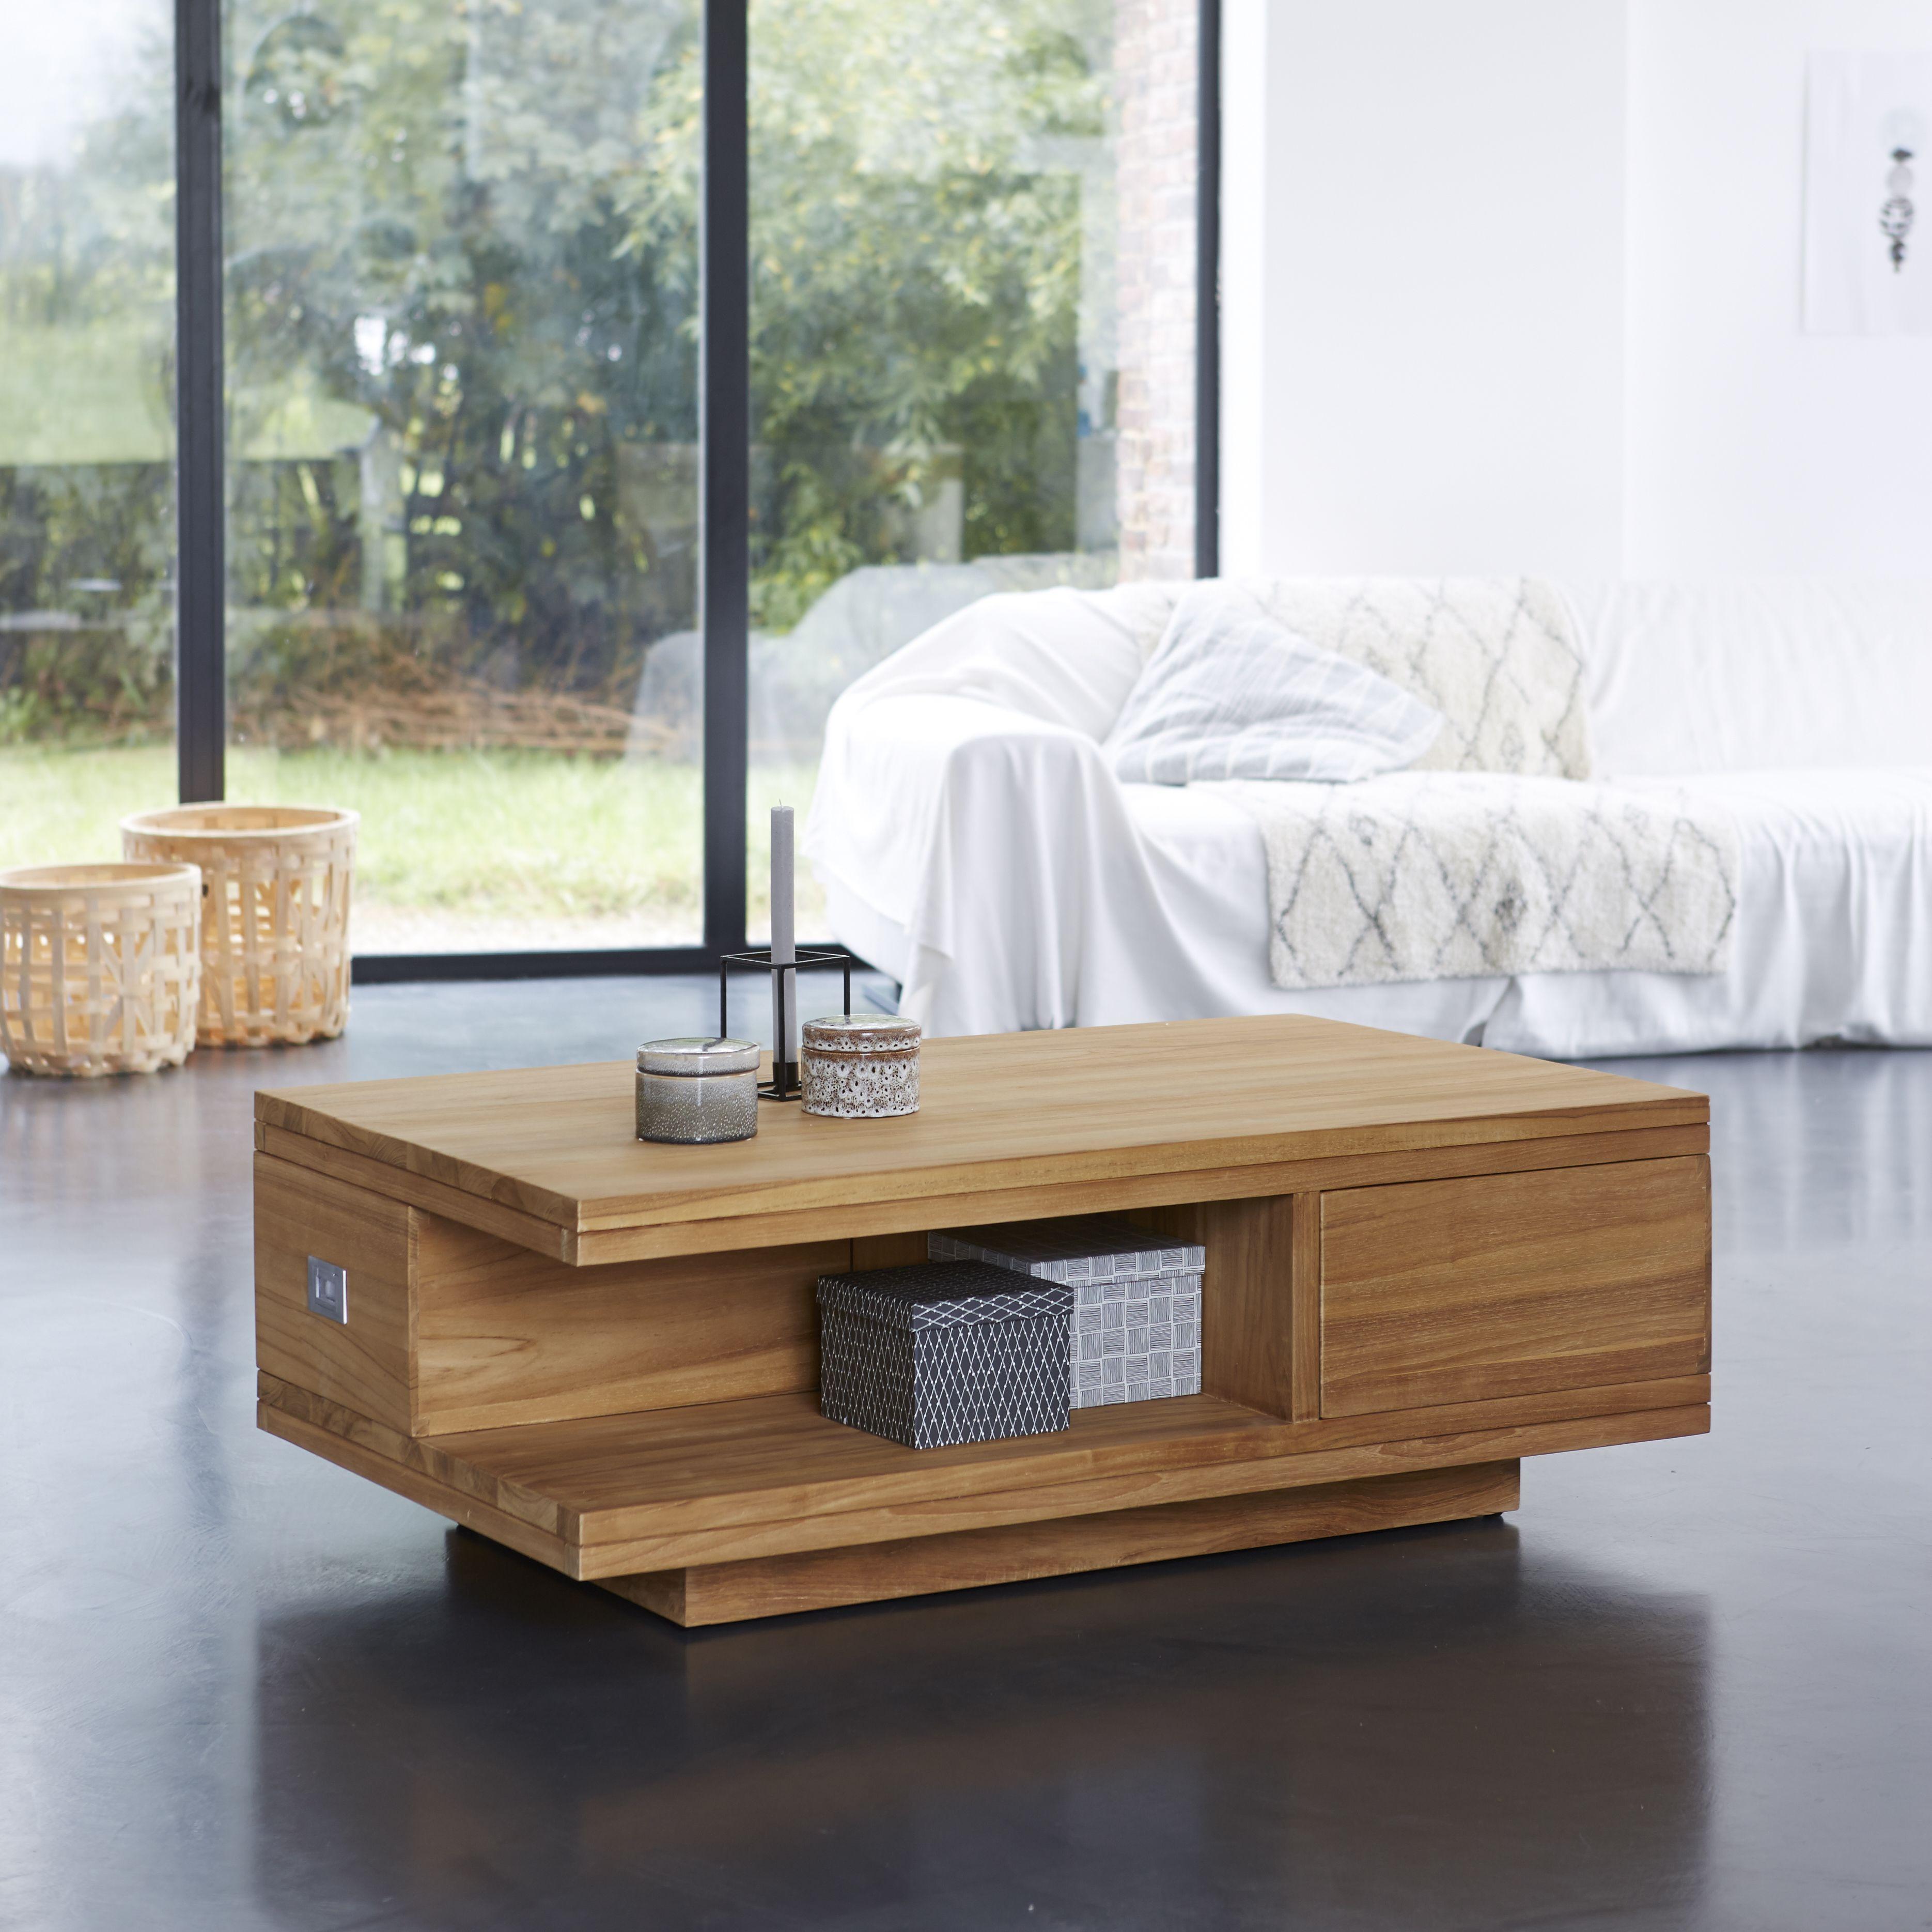 Cette Magnifique Table Basse En Teck Naturel Est L Element Ideal Pour Votre Salon Lignes Simples Et Modernes Fi Table Basse Teck Table Basse Bois Table Basse